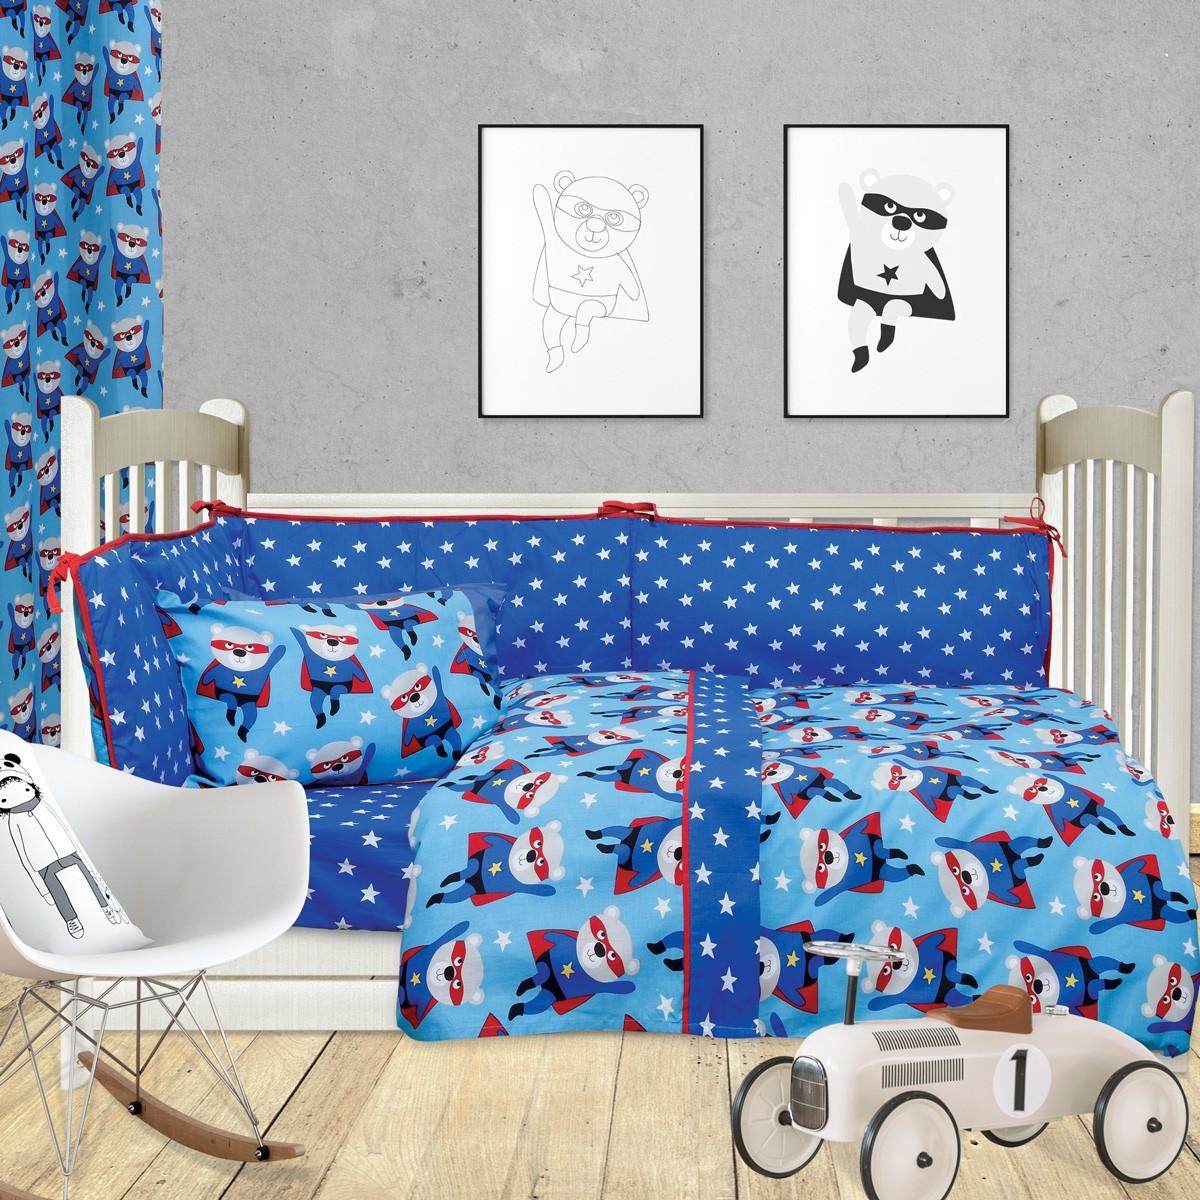 Σεντόνια Κούνιας (Σετ) Das Home Fun Prints 6415